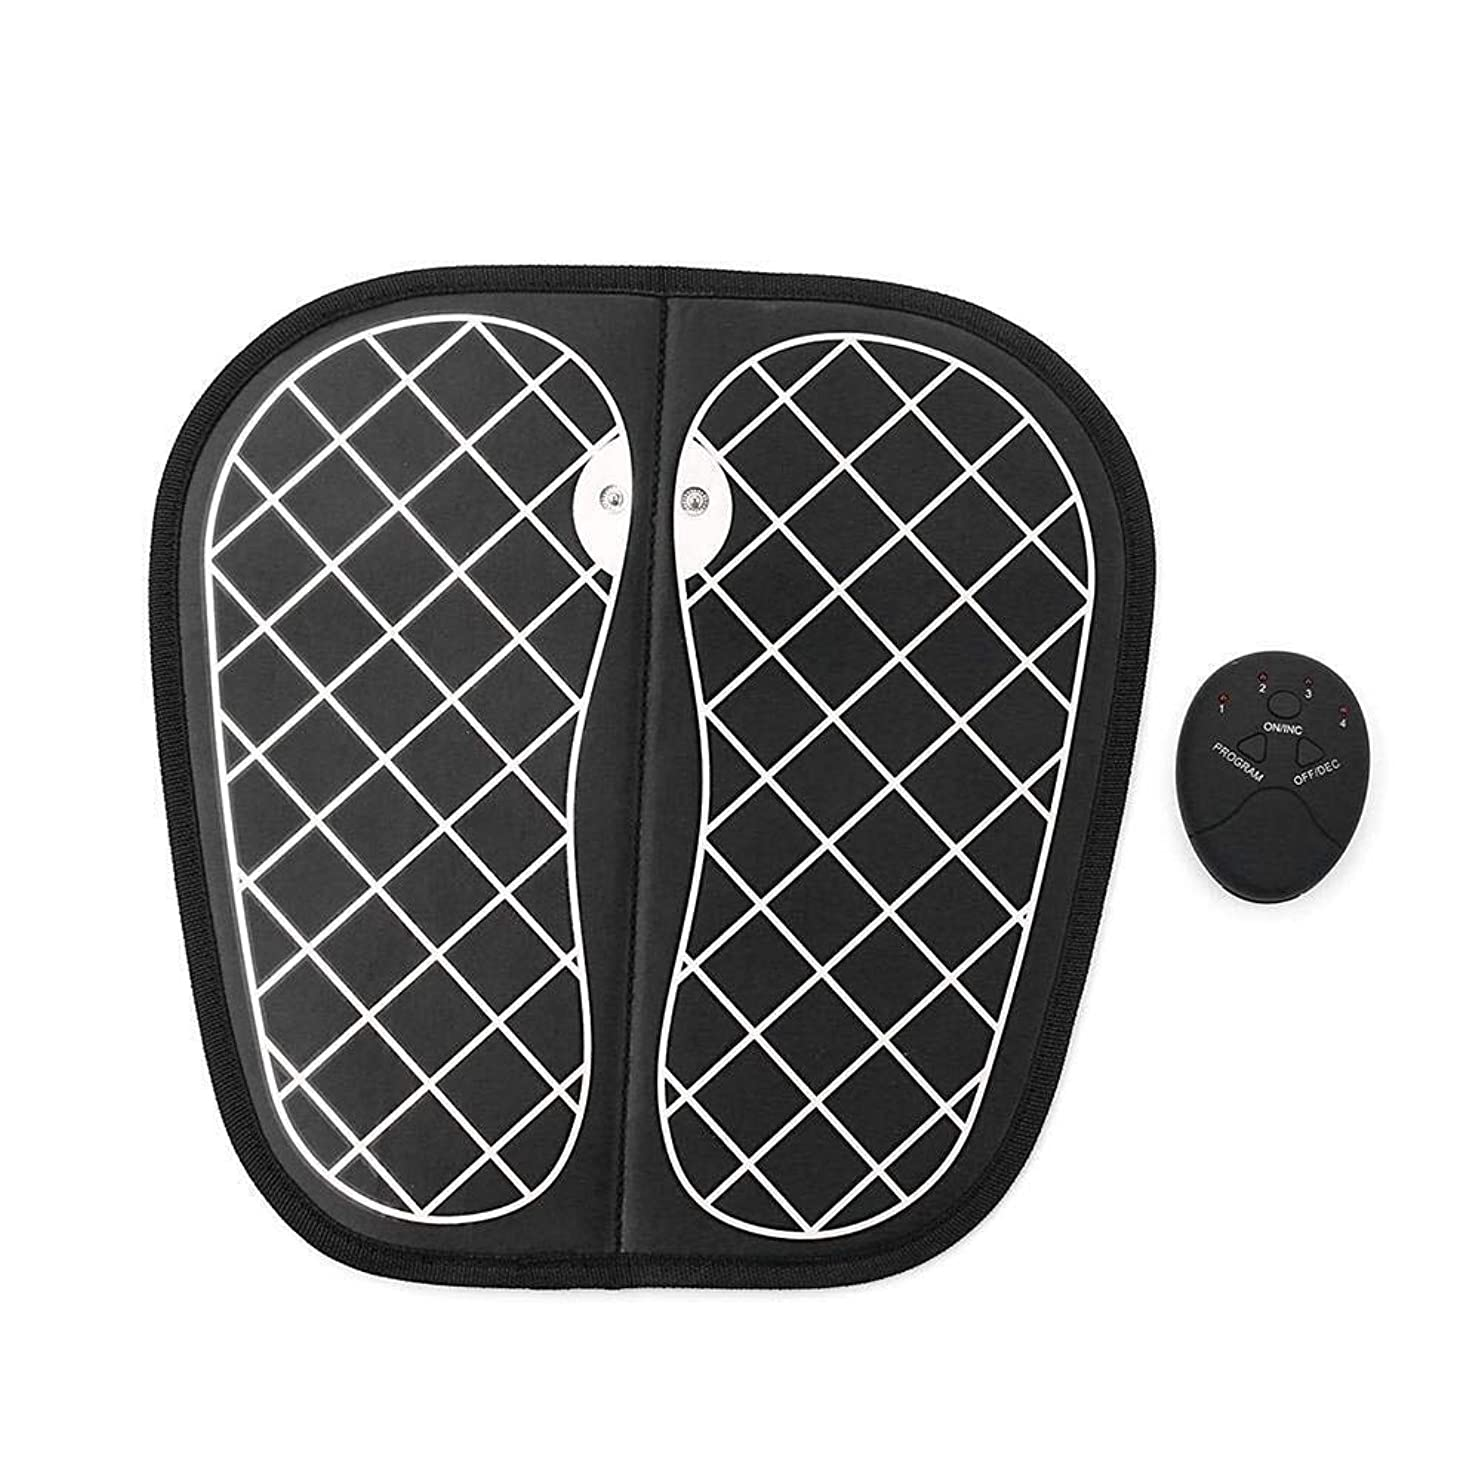 聴くコカイン毒EMSフットマッサージャーUSB充電式ポータブル電気マッサージマットは、10の力と6つの振動モードで折り畳み可能で、疲労を軽減し、血行を促進します